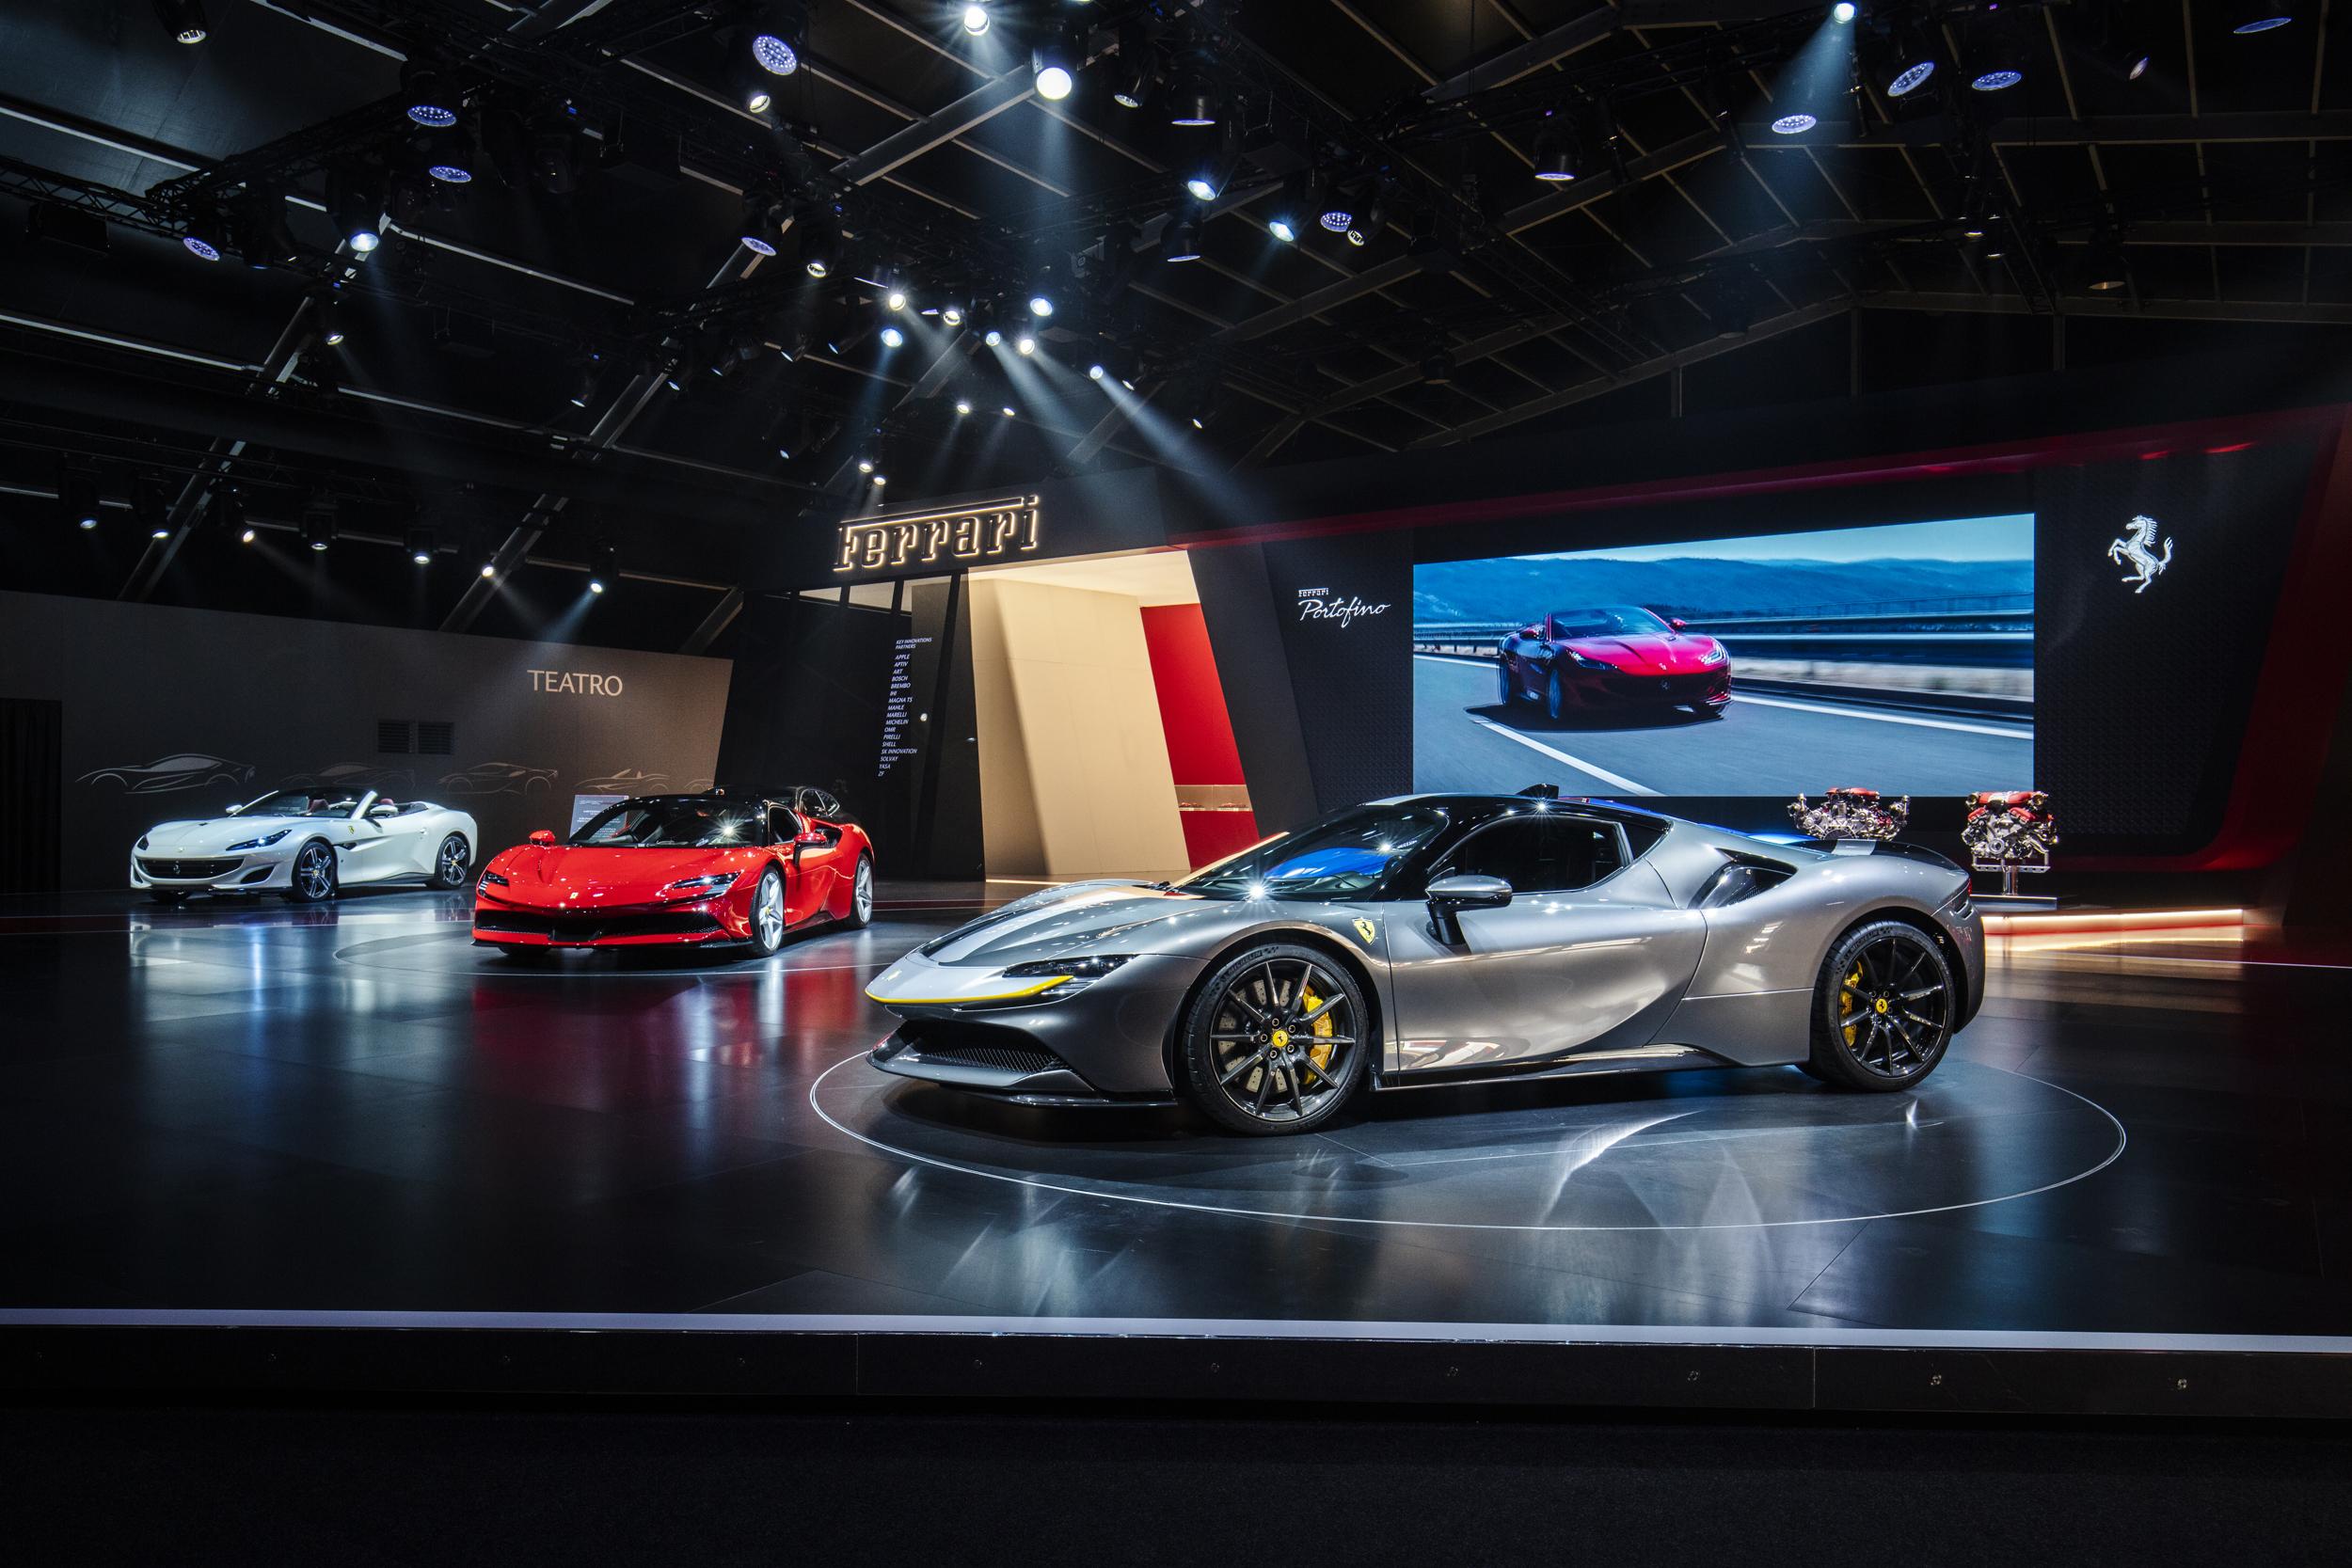 Universo Ferrari, un successo senza precedenti